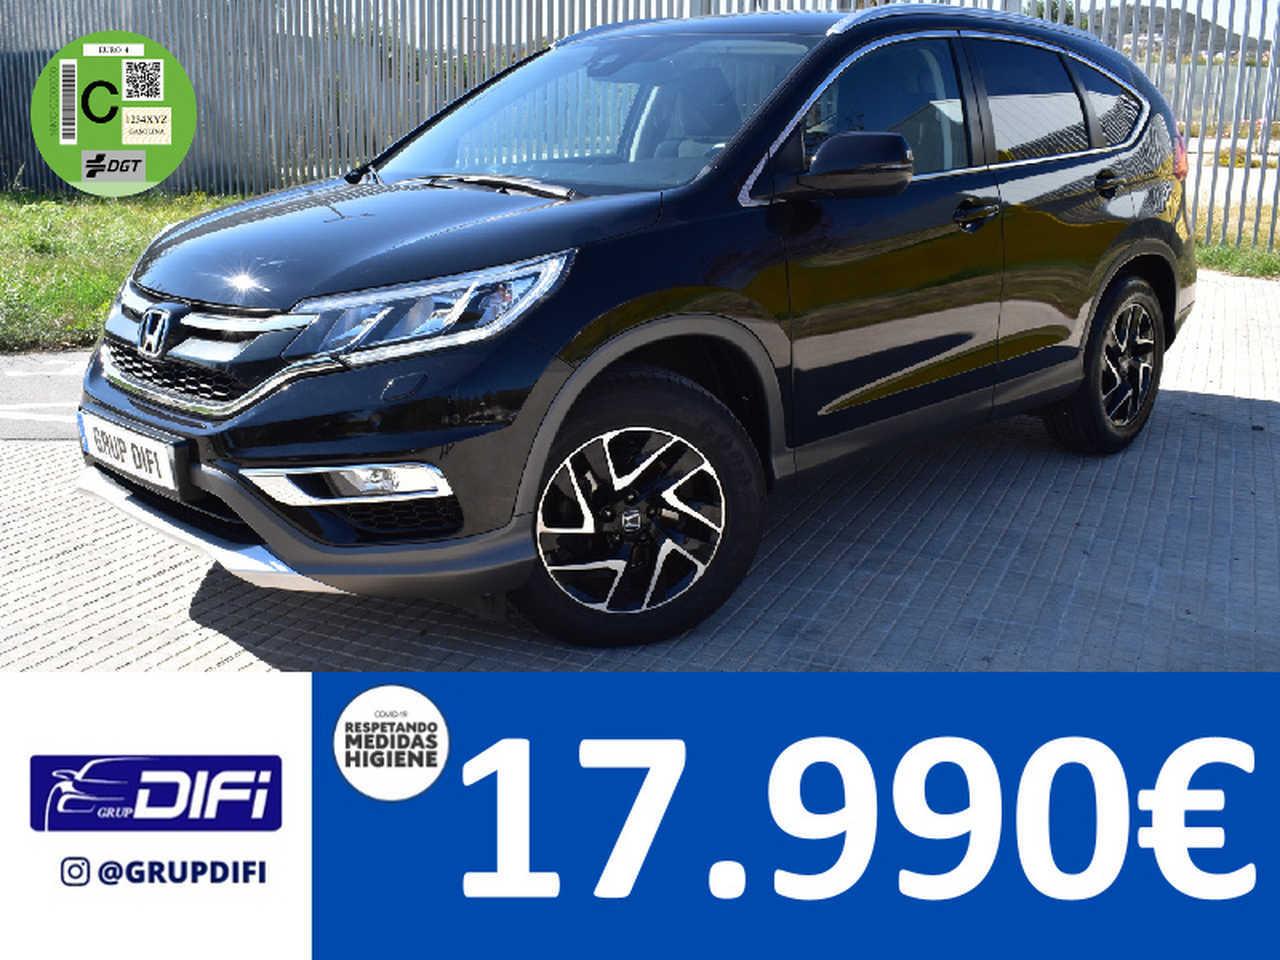 Honda CR-V 1.6 iDTEC 88kW 120CV 4x2 Eleg Nav P   - Foto 1